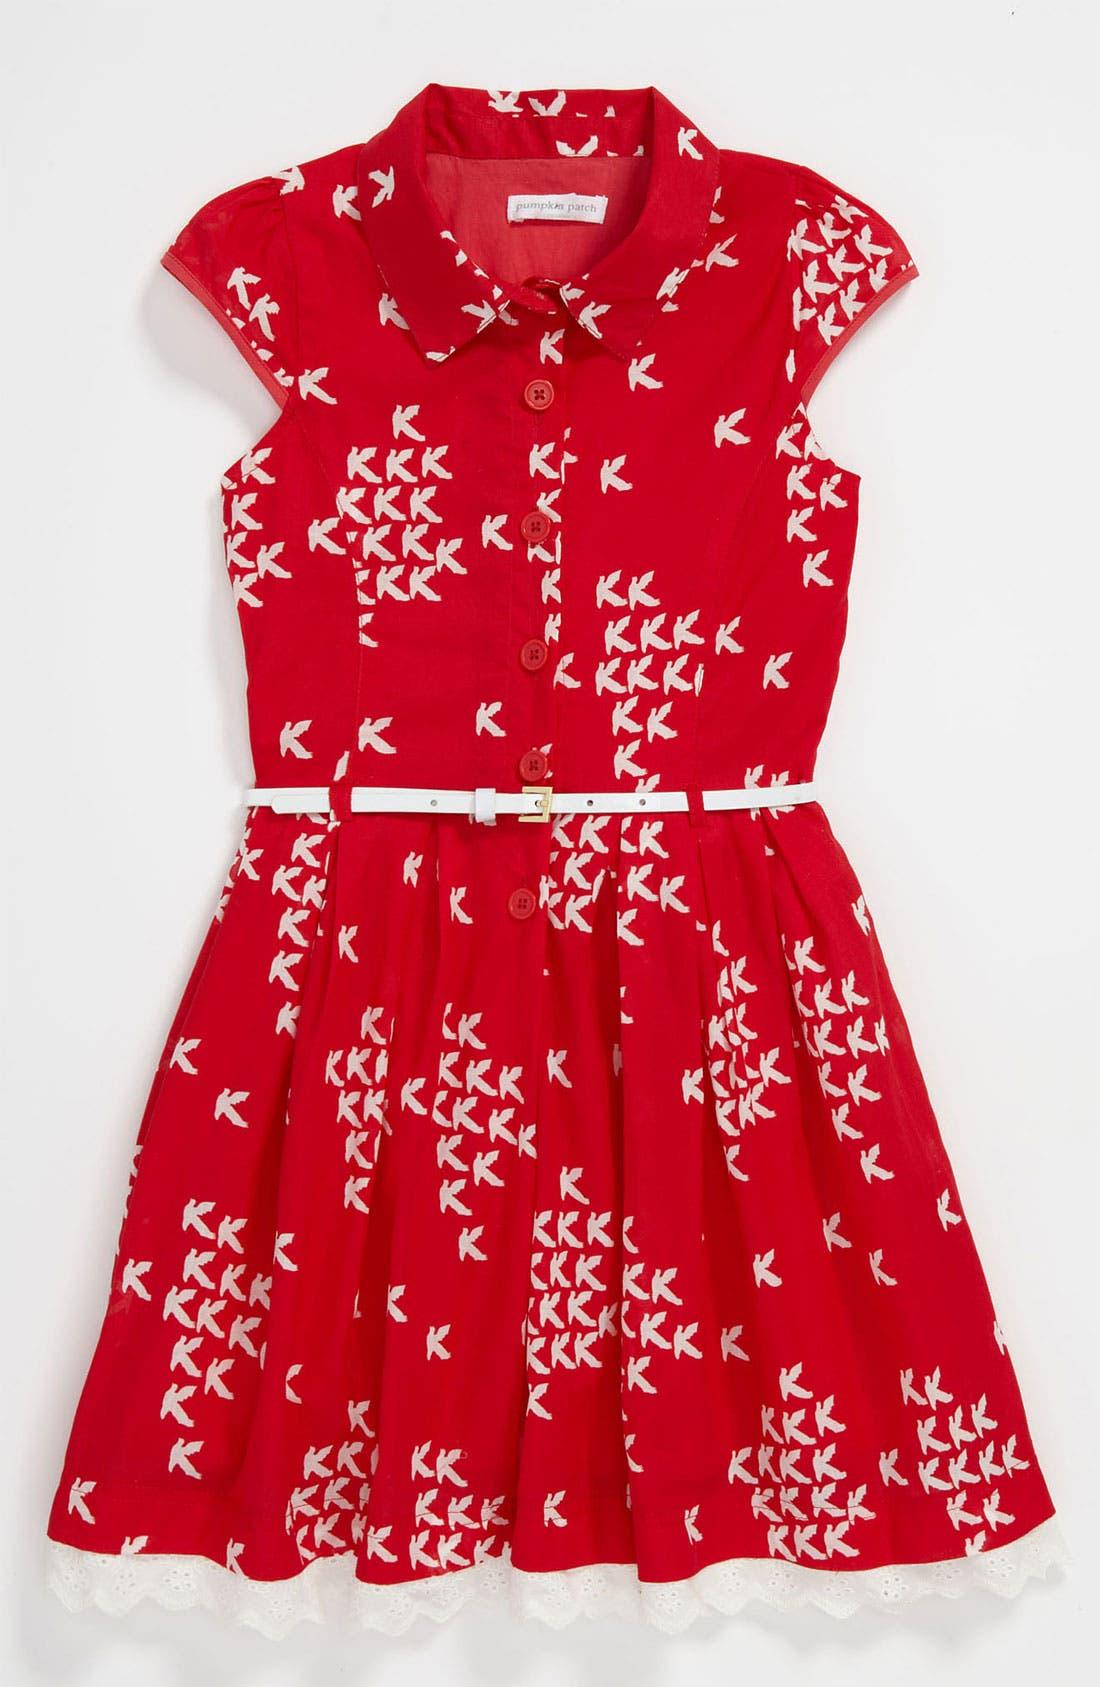 Alternate Image 1 Selected - Pumpkin Patch 'Bird' Button Front Dress (Little Girls & Big Girls)